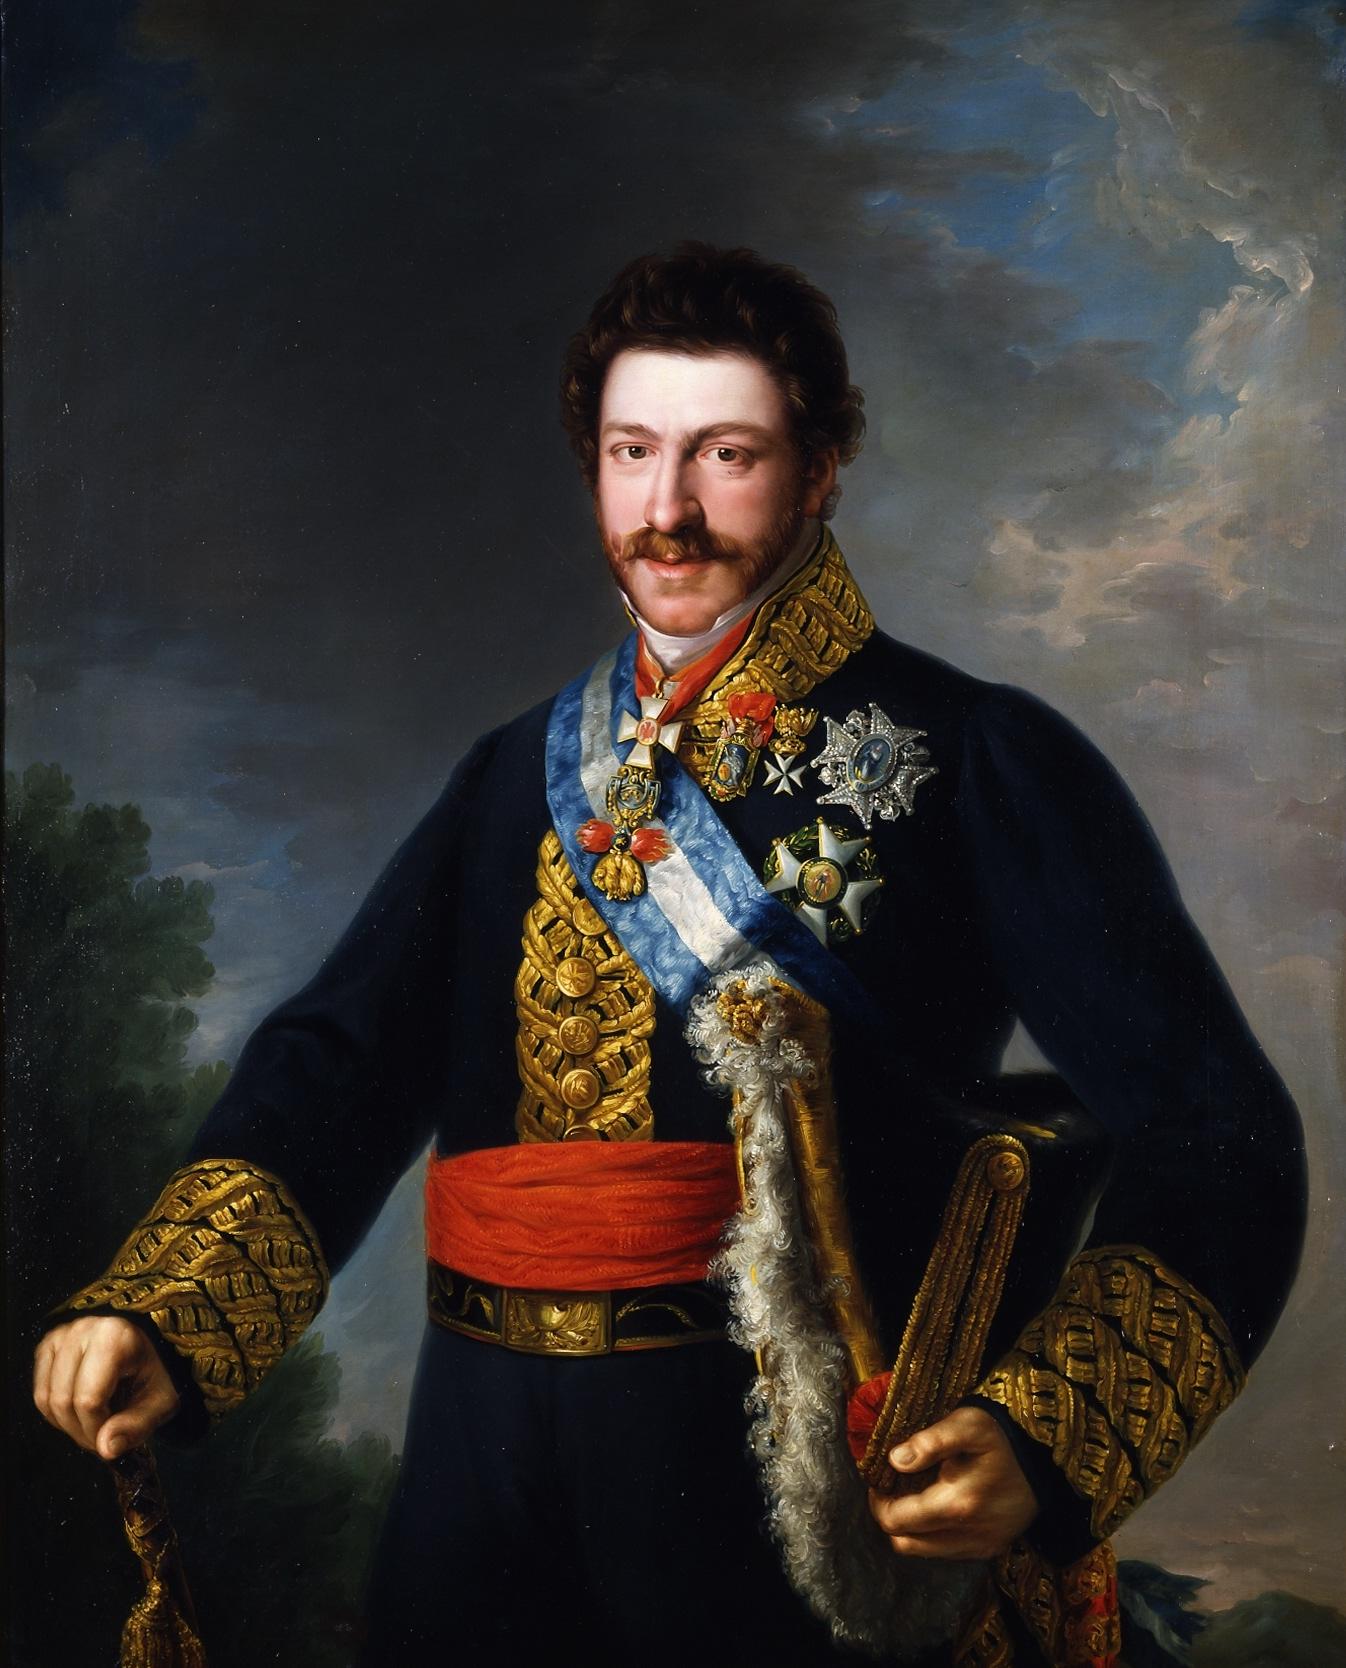 Francisco de Paula salary